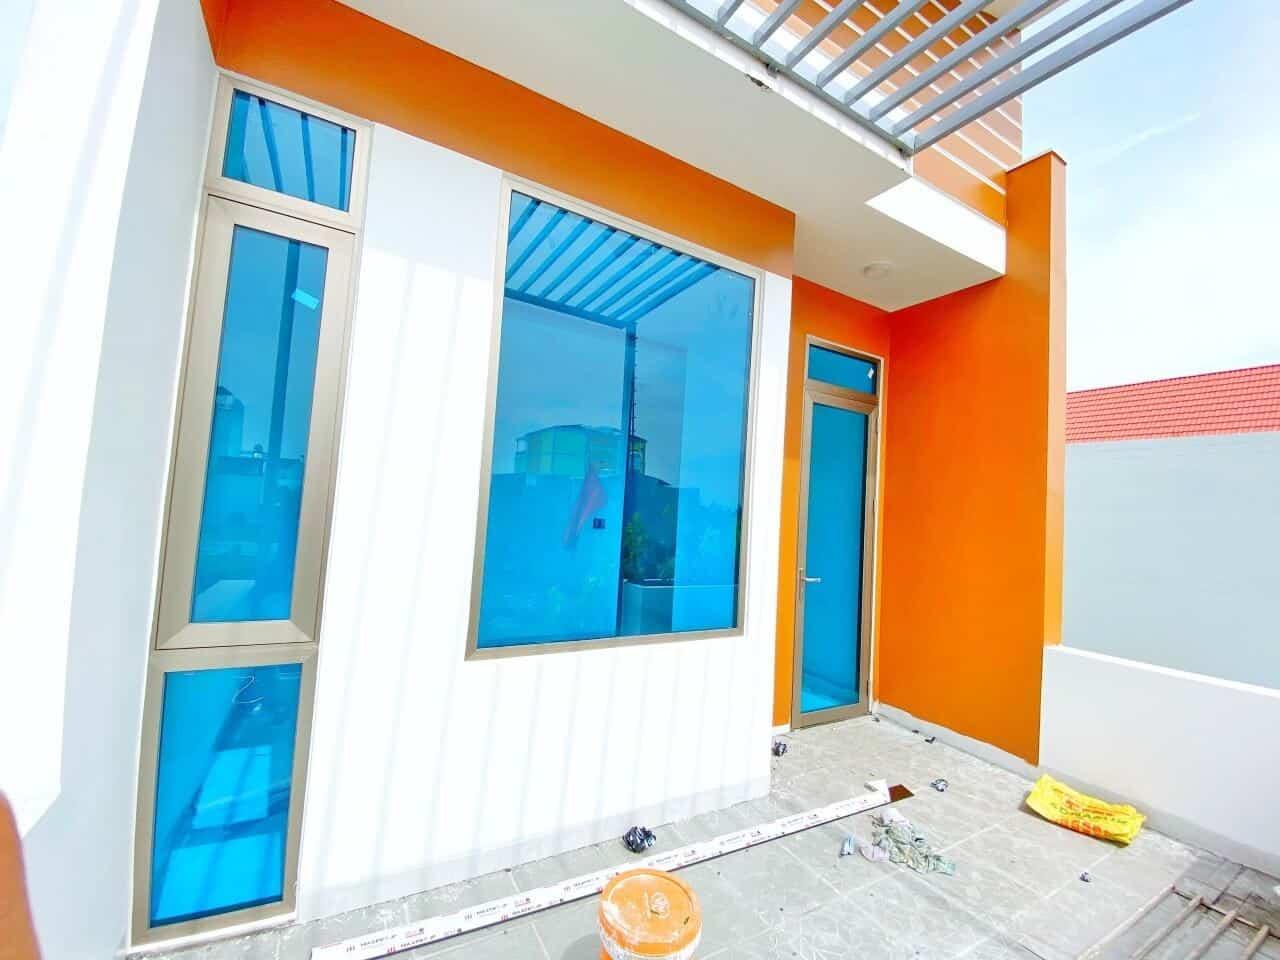 Cửa nhôm Long Vân với màu sắc trung tính, tạo nên sự ấn tượng riêng cho không gian